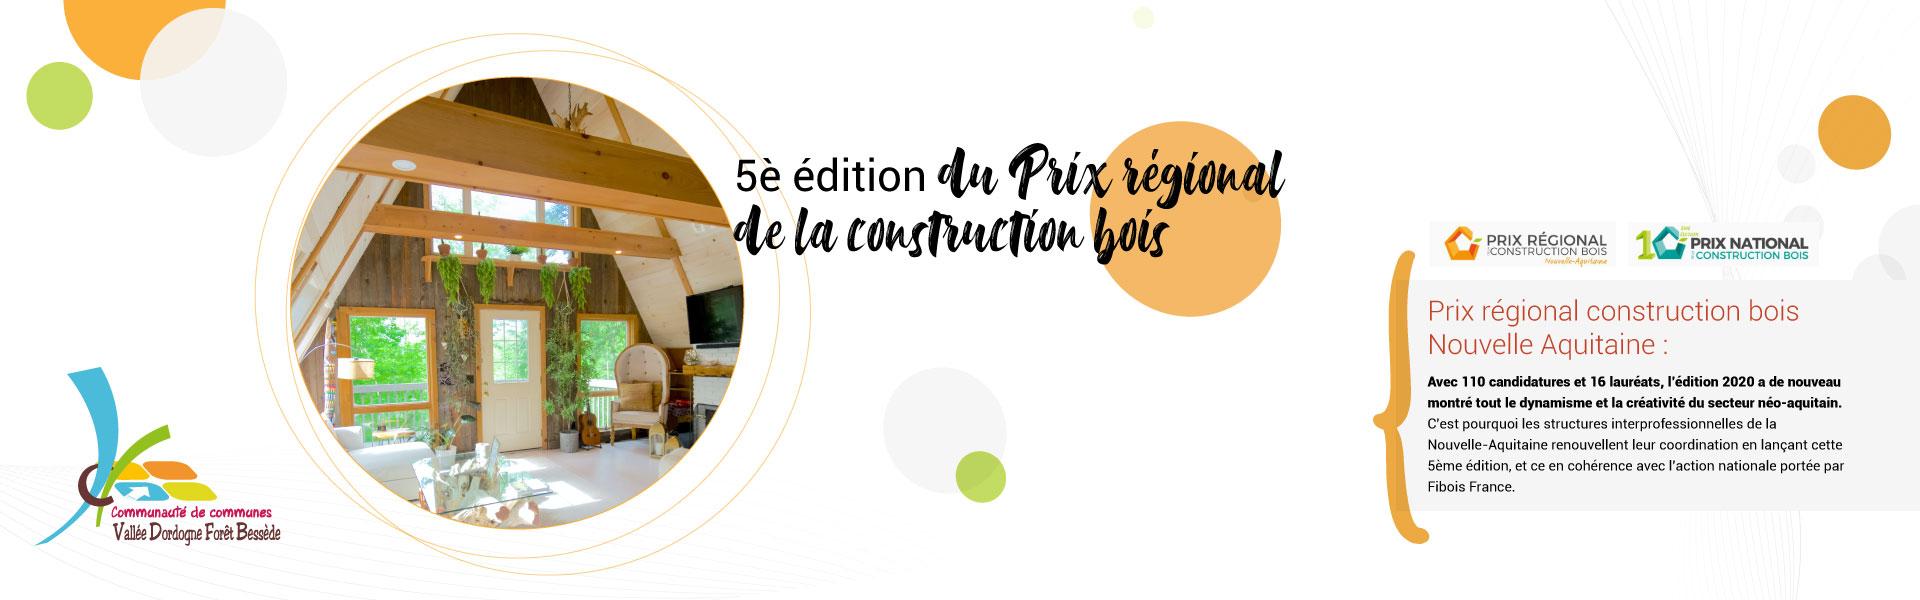 Concours construction bois